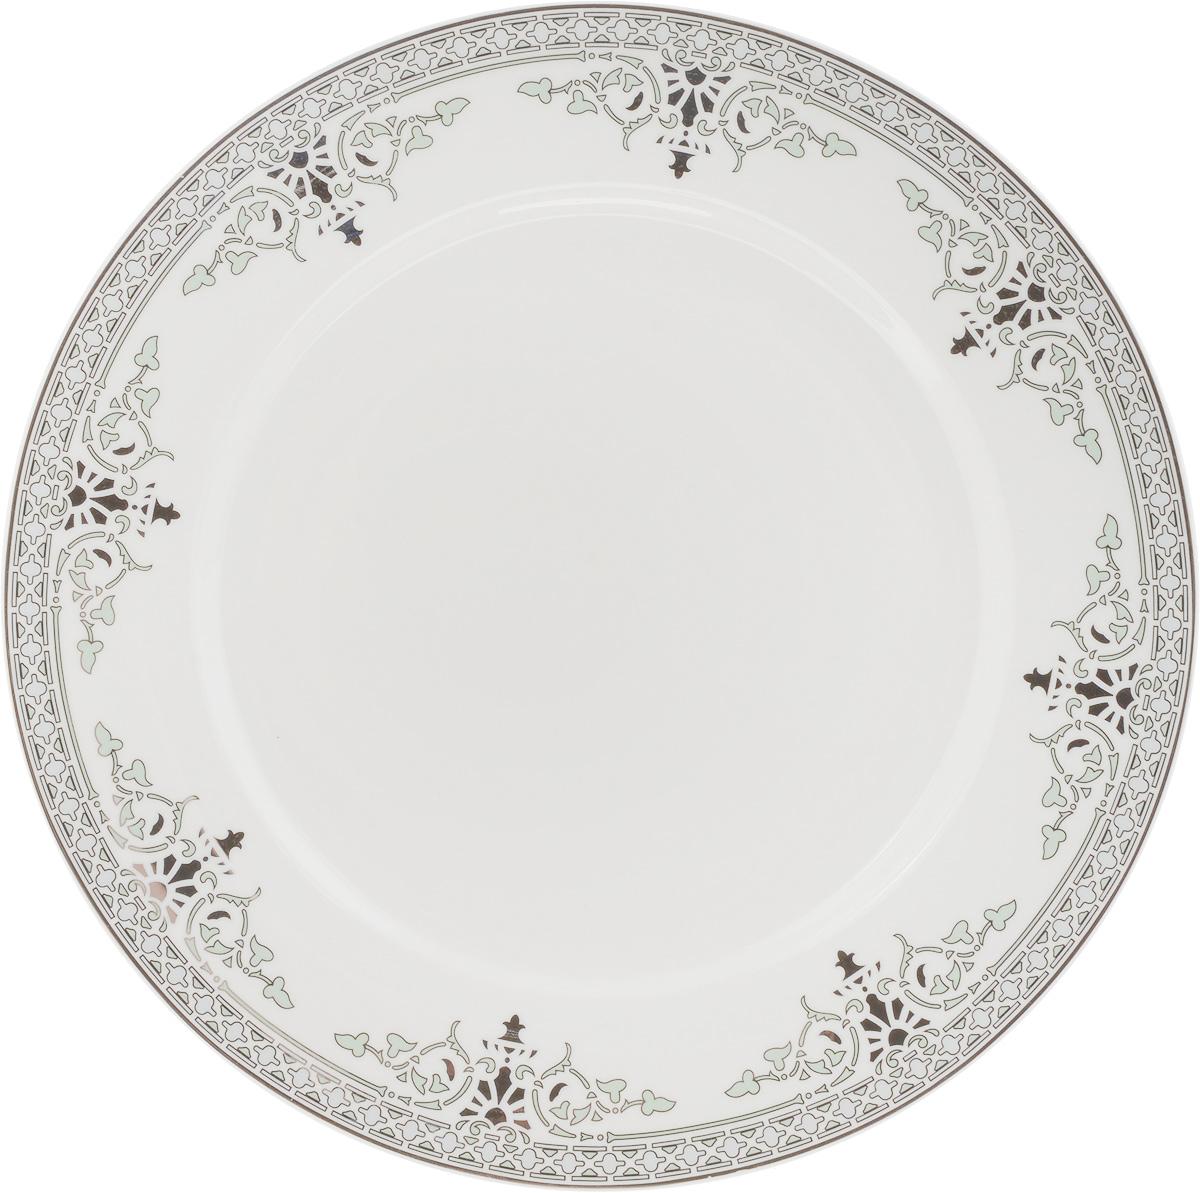 Тарелка подстановочная Венеция, диаметр 27 см216687Тарелка Венеция изготовлена из глазурованного фарфора. Подстановочная тарелка - это особый вид тарелок. Обычно она выполняет исключительно декоративную функцию. Такая тарелка изысканно украсит сервировку как обеденного, так и праздничного стола. Диаметр тарелки: 27 см.